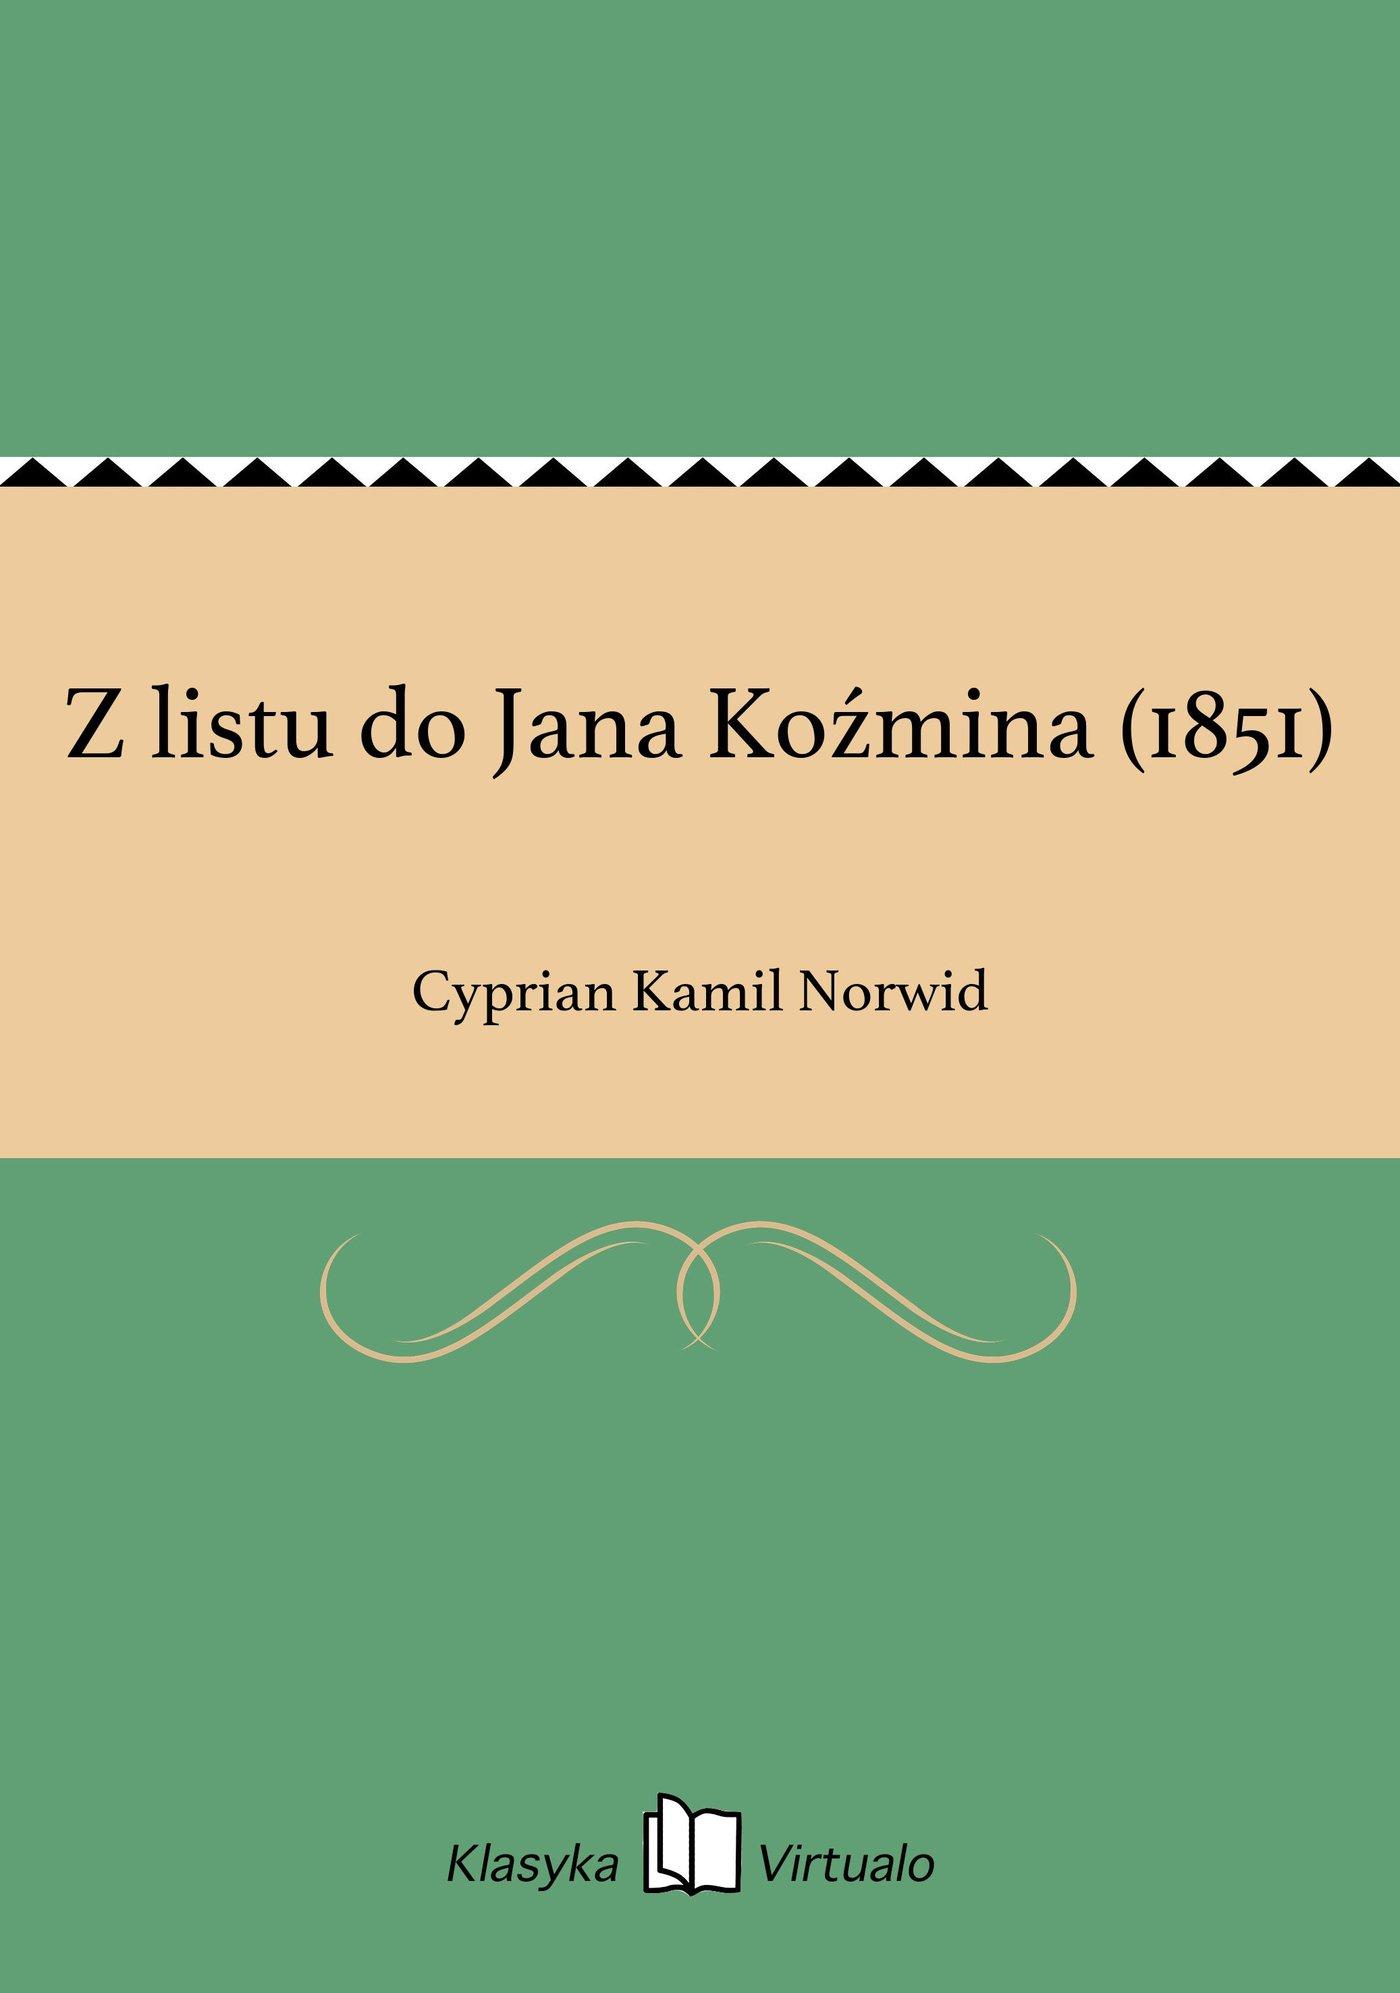 Z listu do Jana Koźmina (1851) - Ebook (Książka EPUB) do pobrania w formacie EPUB